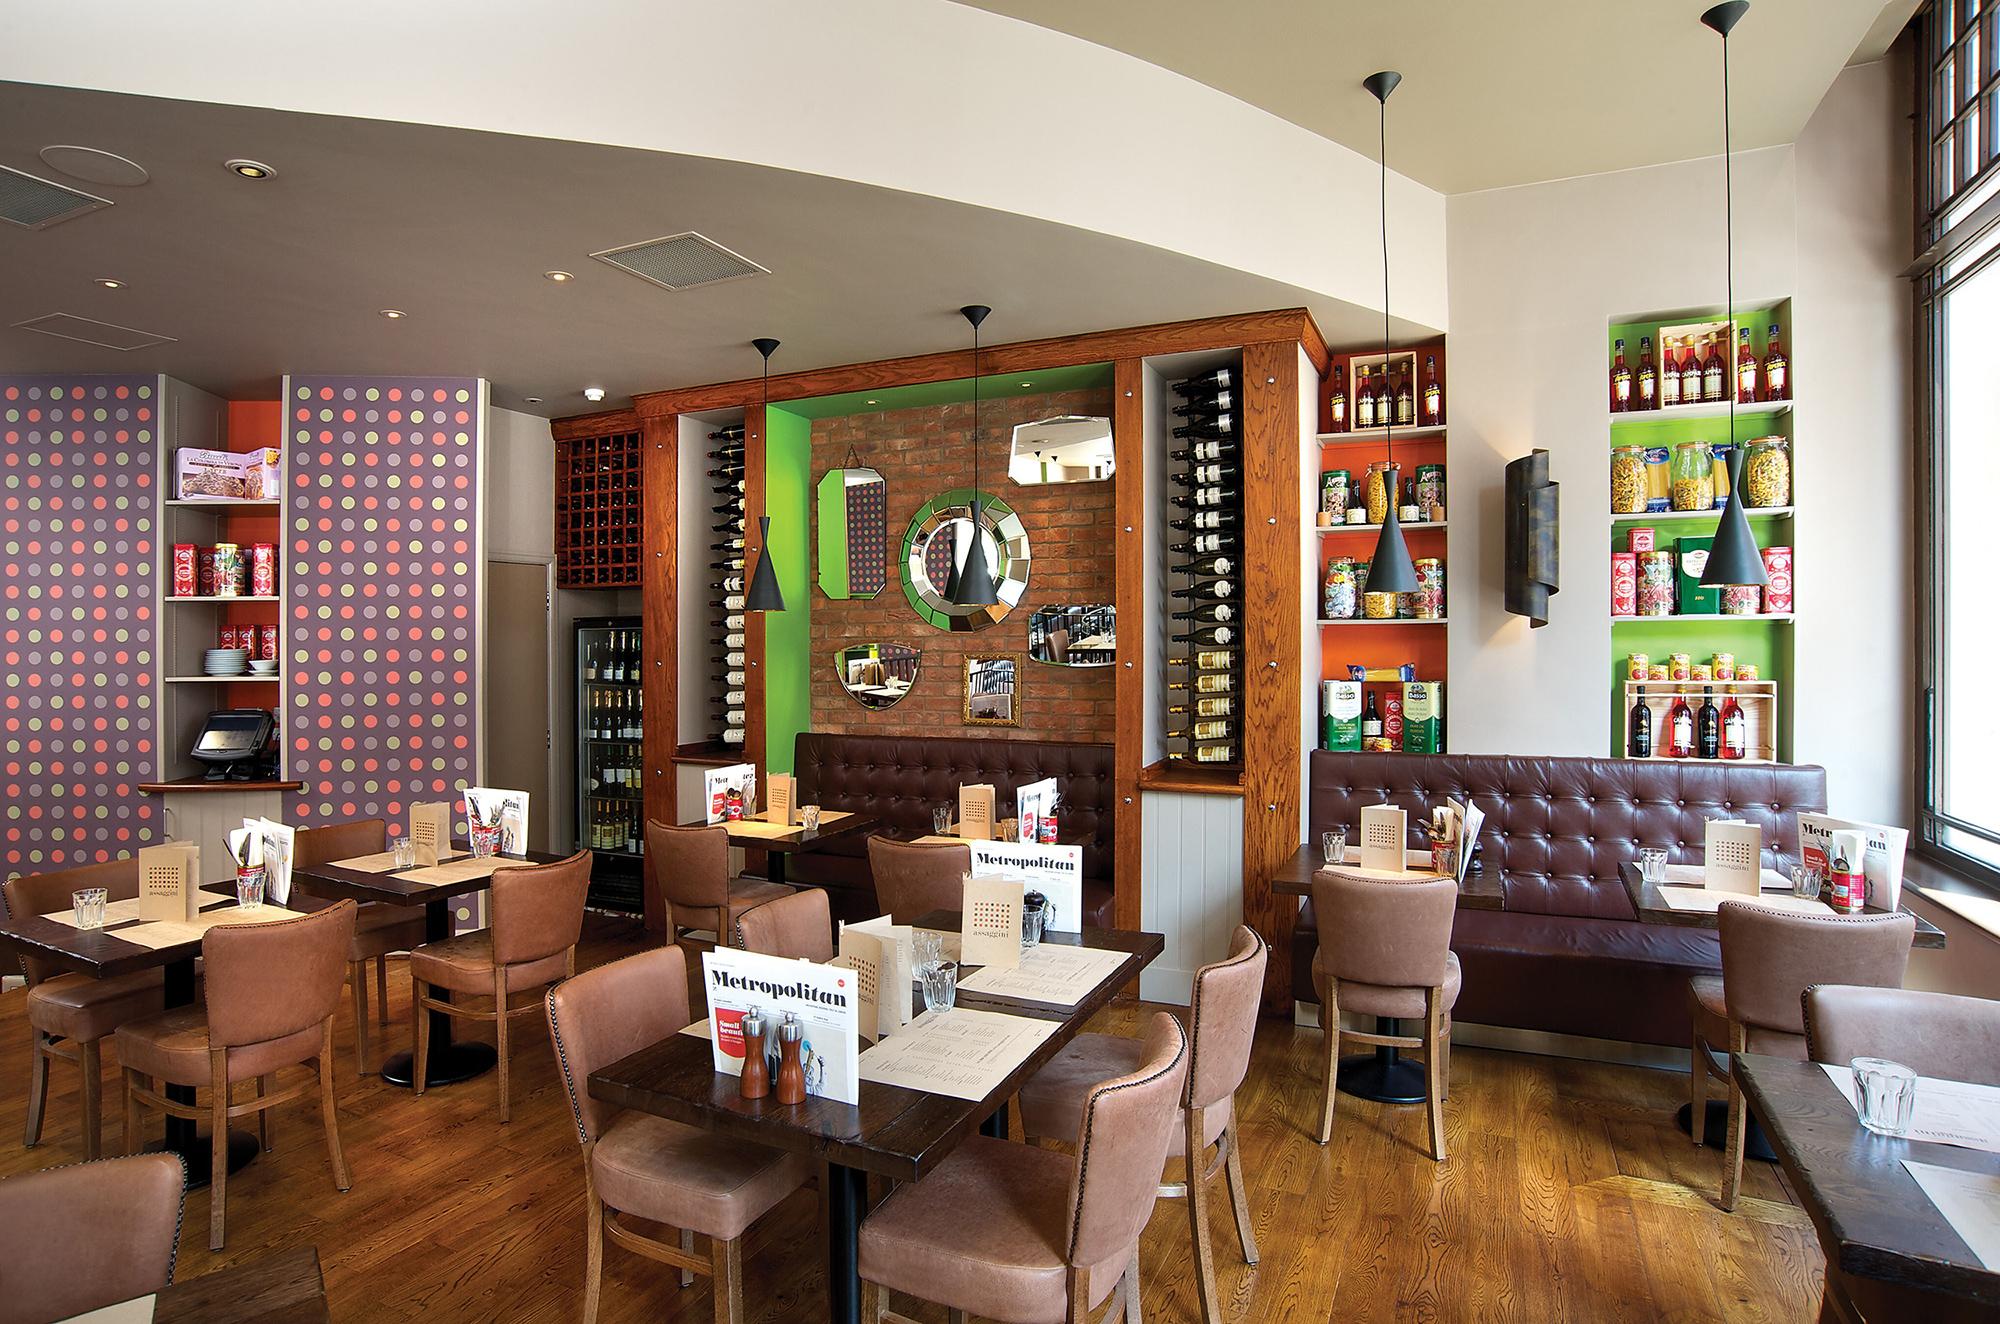 Assaggetti Restaurant & Bar